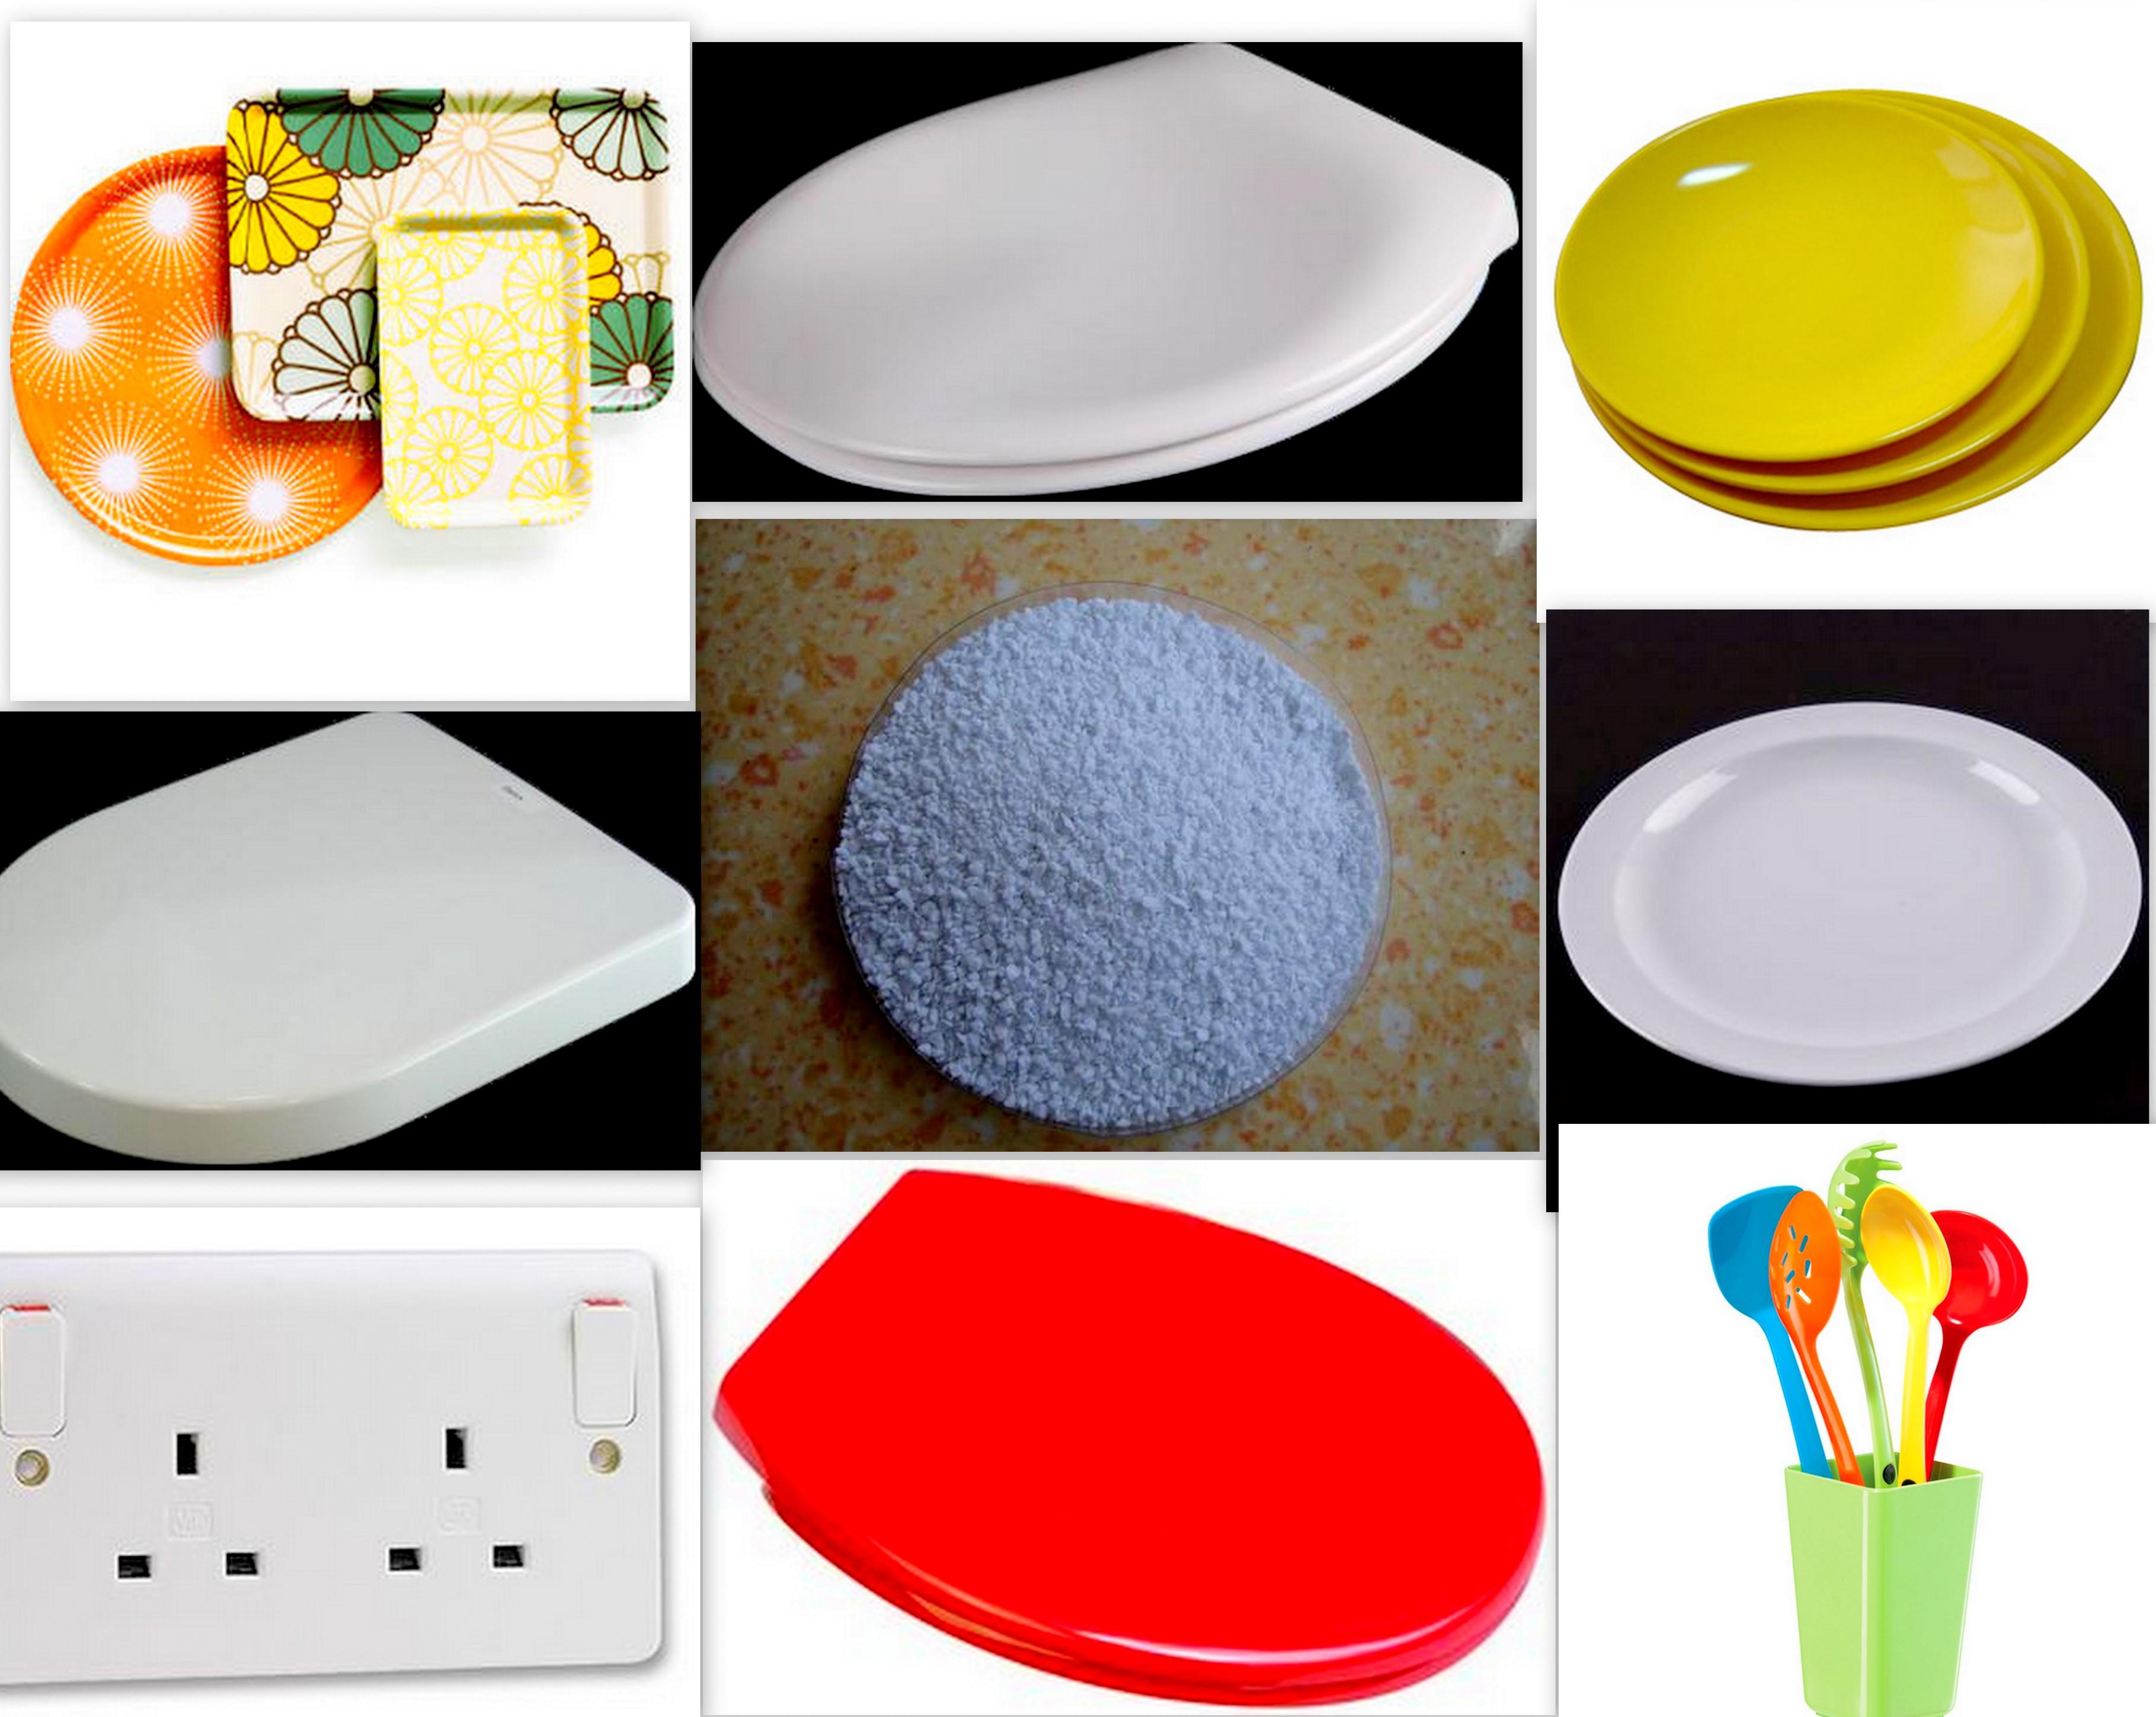 Üre-formaldehit reçineleri: üretim, kullanım ve özellikleri